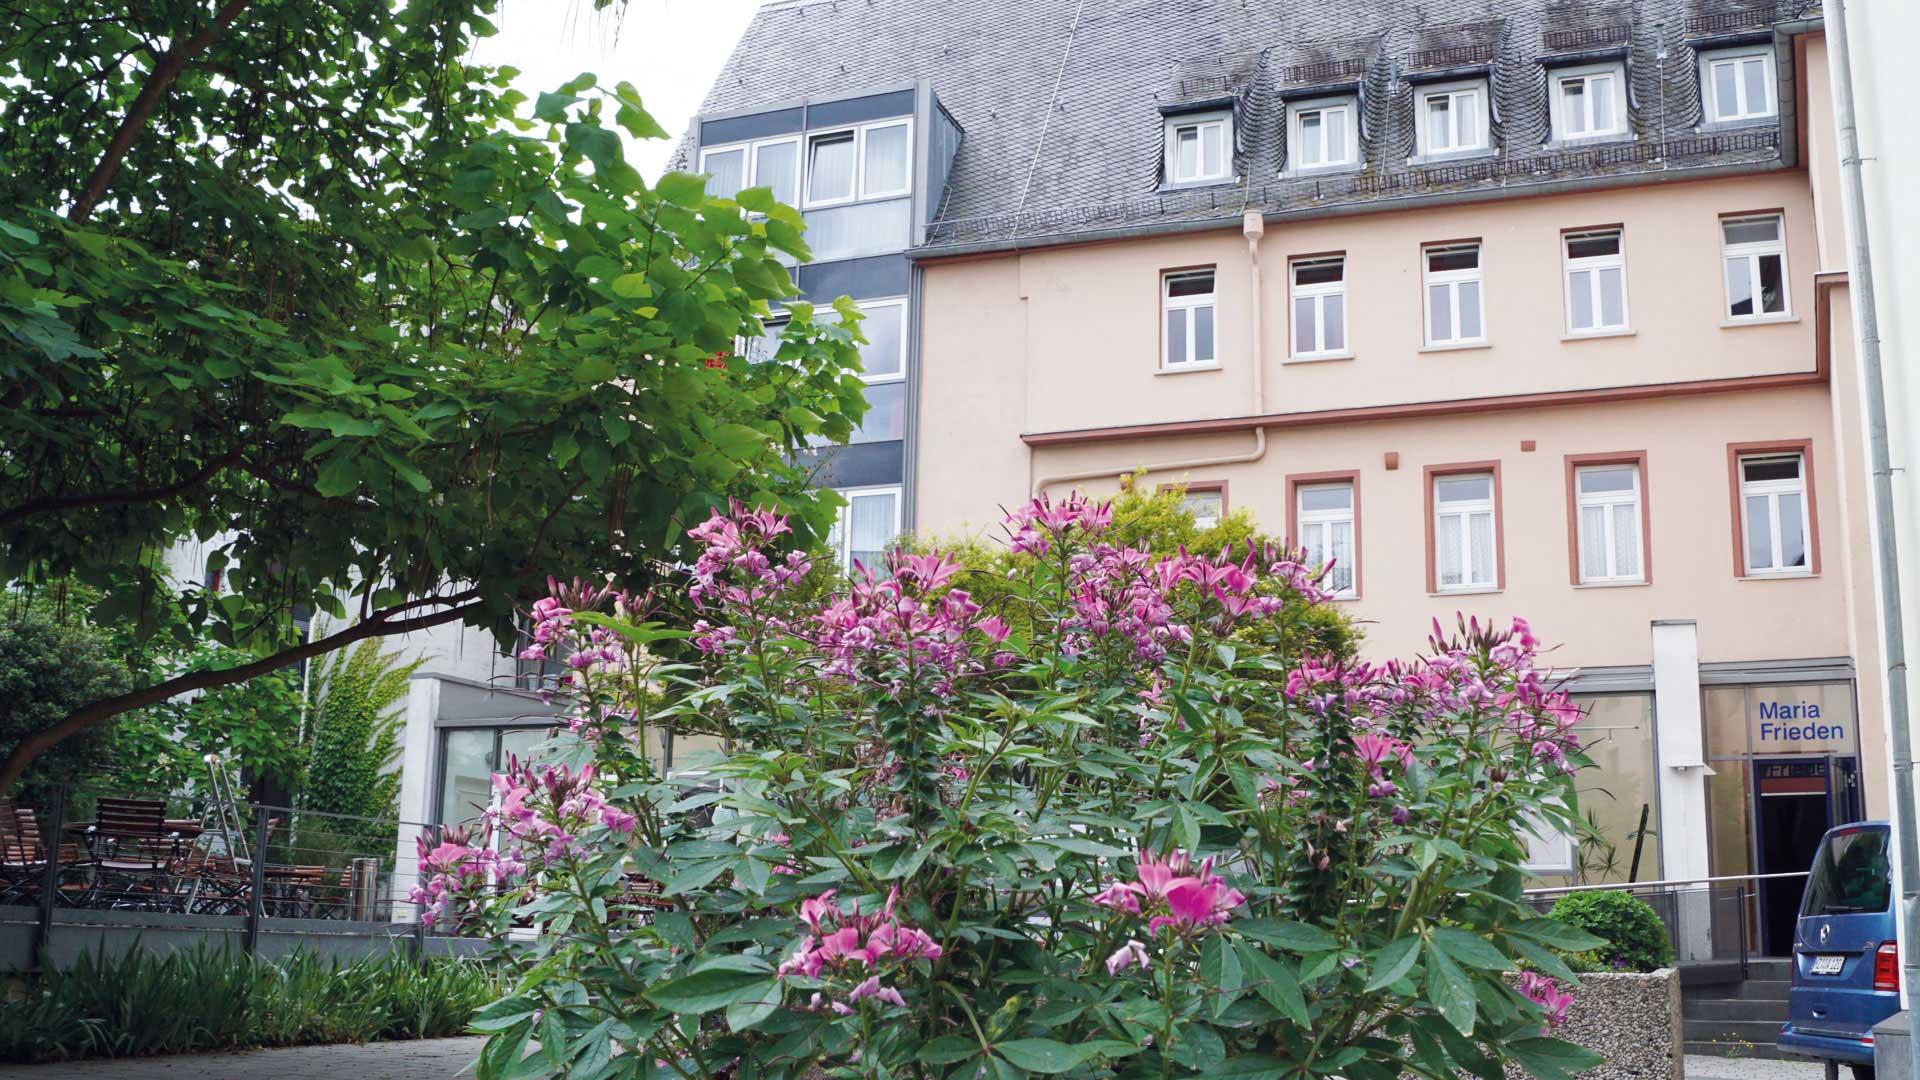 Seniorenzentrum-Bruder-Konrad-Stift-Tagungshaus-Maria-Frieden